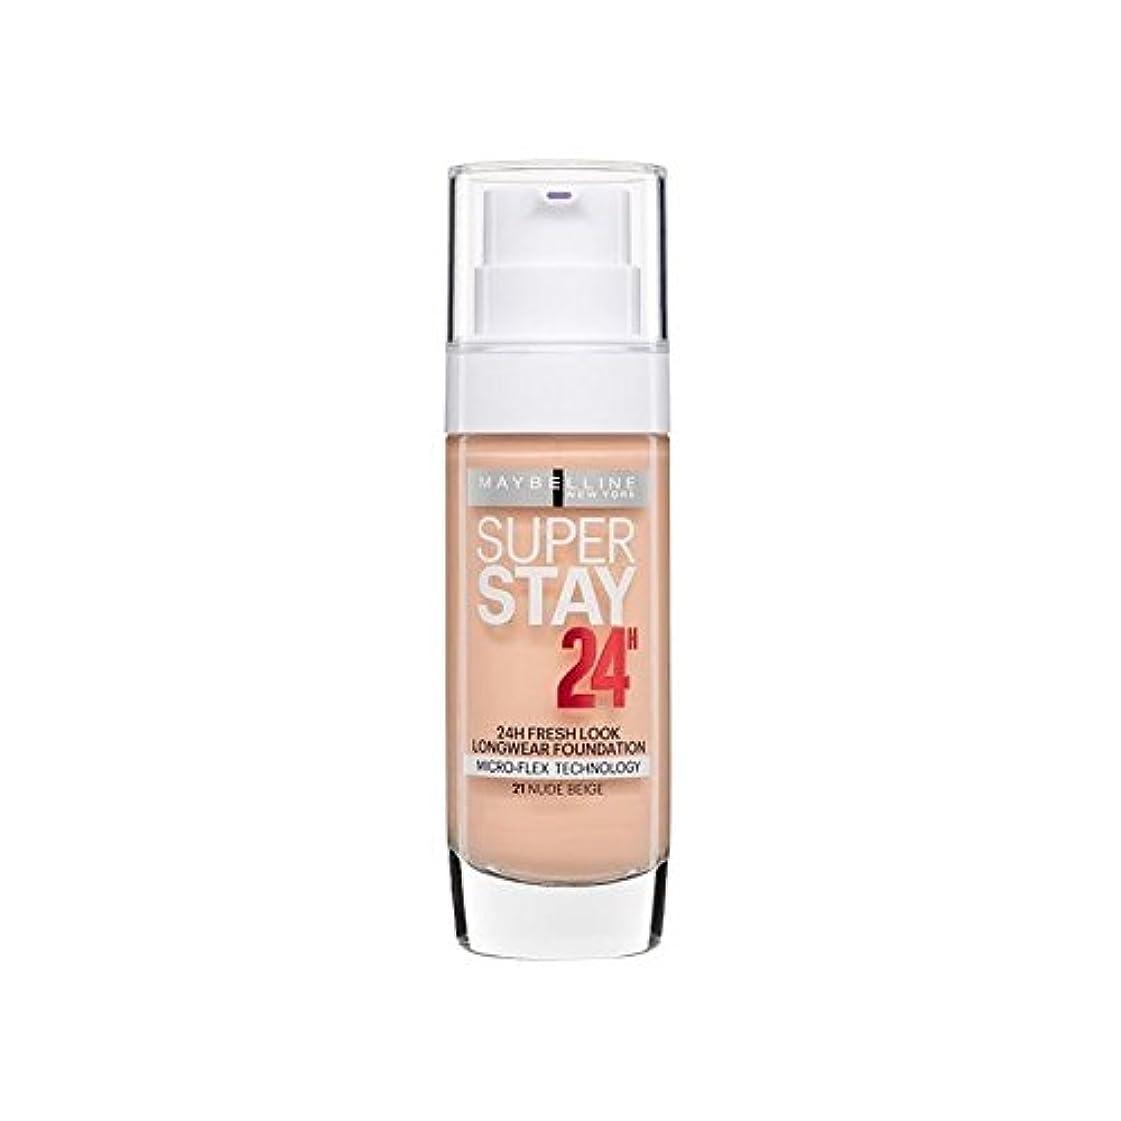 冷ややかな法廷暴露するMaybelline SuperStay 24h Liquid Foundation Nude Beige 30ml (Pack of 6) - メイベリンの24時間リキッドファンデーションヌードベージュ30ミリリットル x6 [並行輸入品]